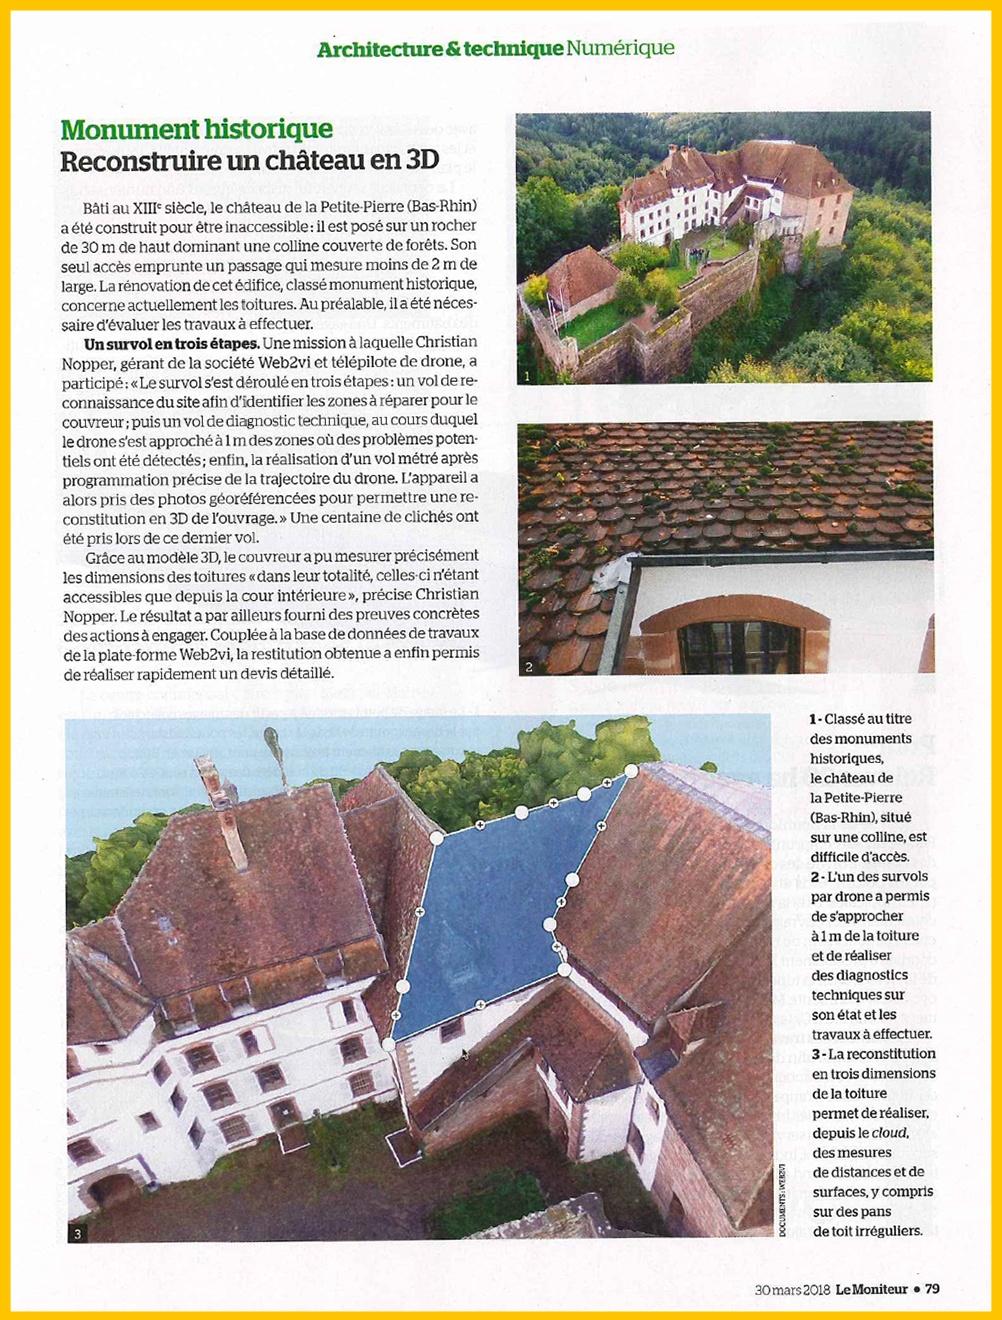 Article Le Moniteur Web2vi drone maquette 3D château La petite Pierre